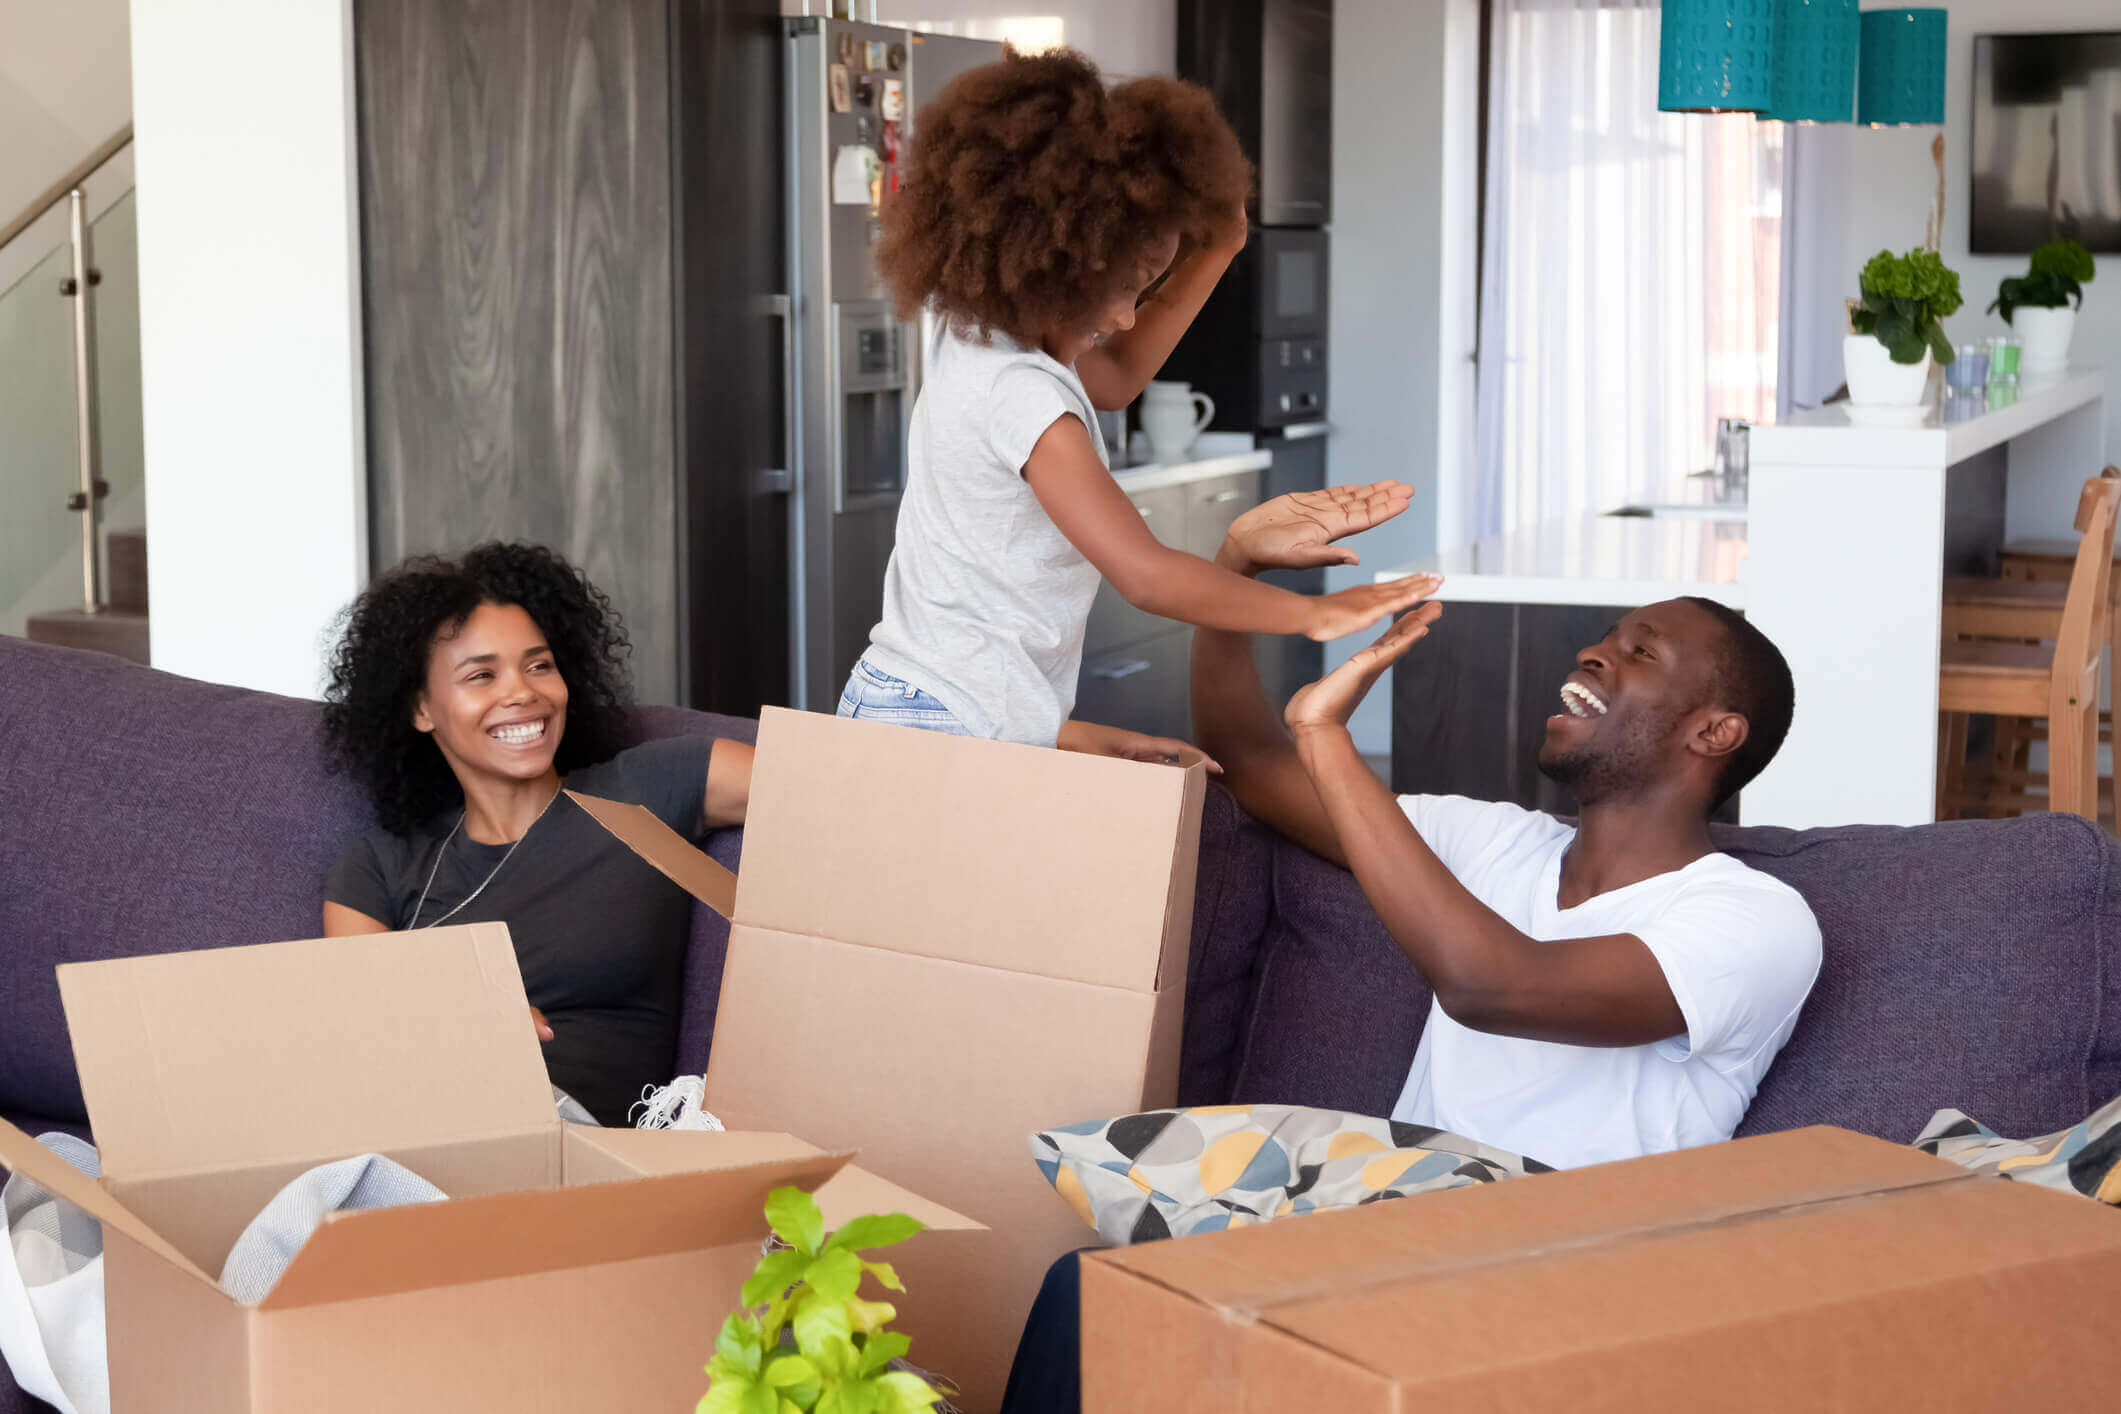 Família feliz reunida em sala com caixas de mudança | Blog da Tenda